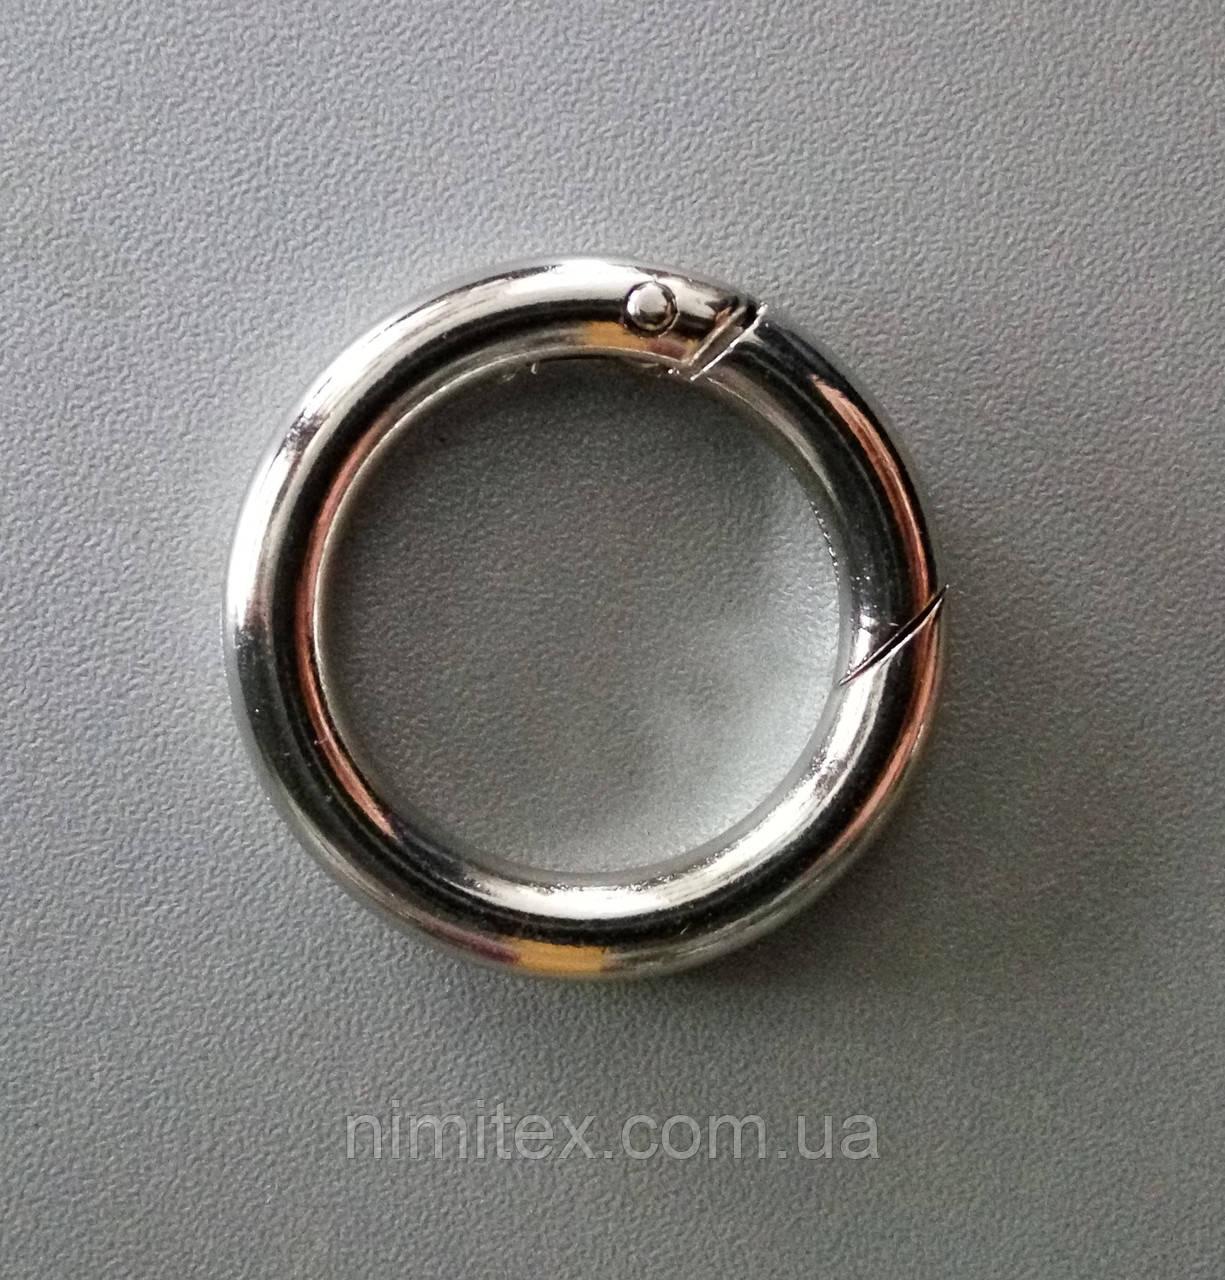 Кольцо-карабин 28 мм никель